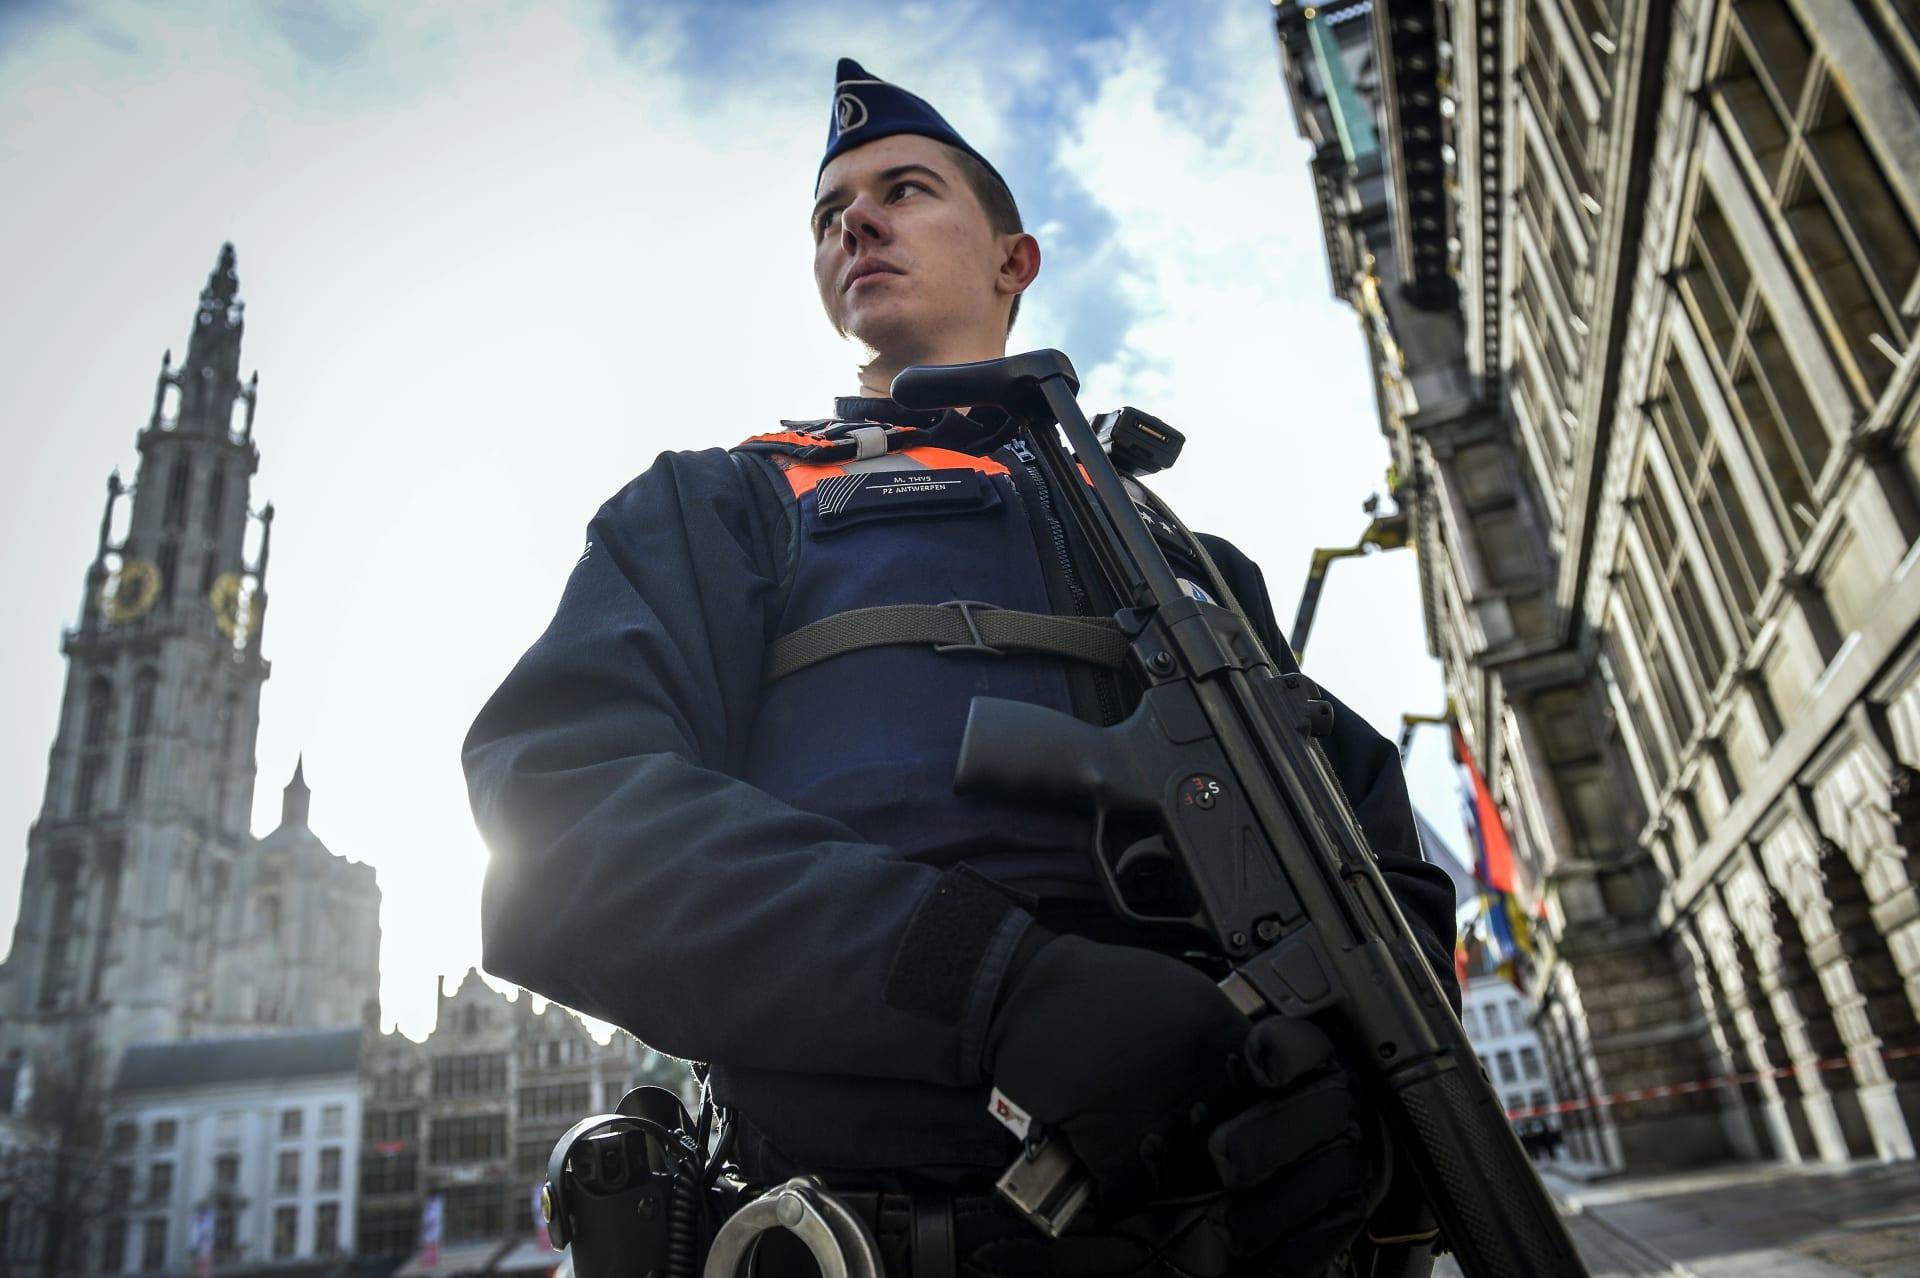 """تأهب أمني بأوروبا بعد تحذير """"مخابرات صديقة"""" من """"هجمات إرهابية محتملة"""" في عيد الميلاد"""